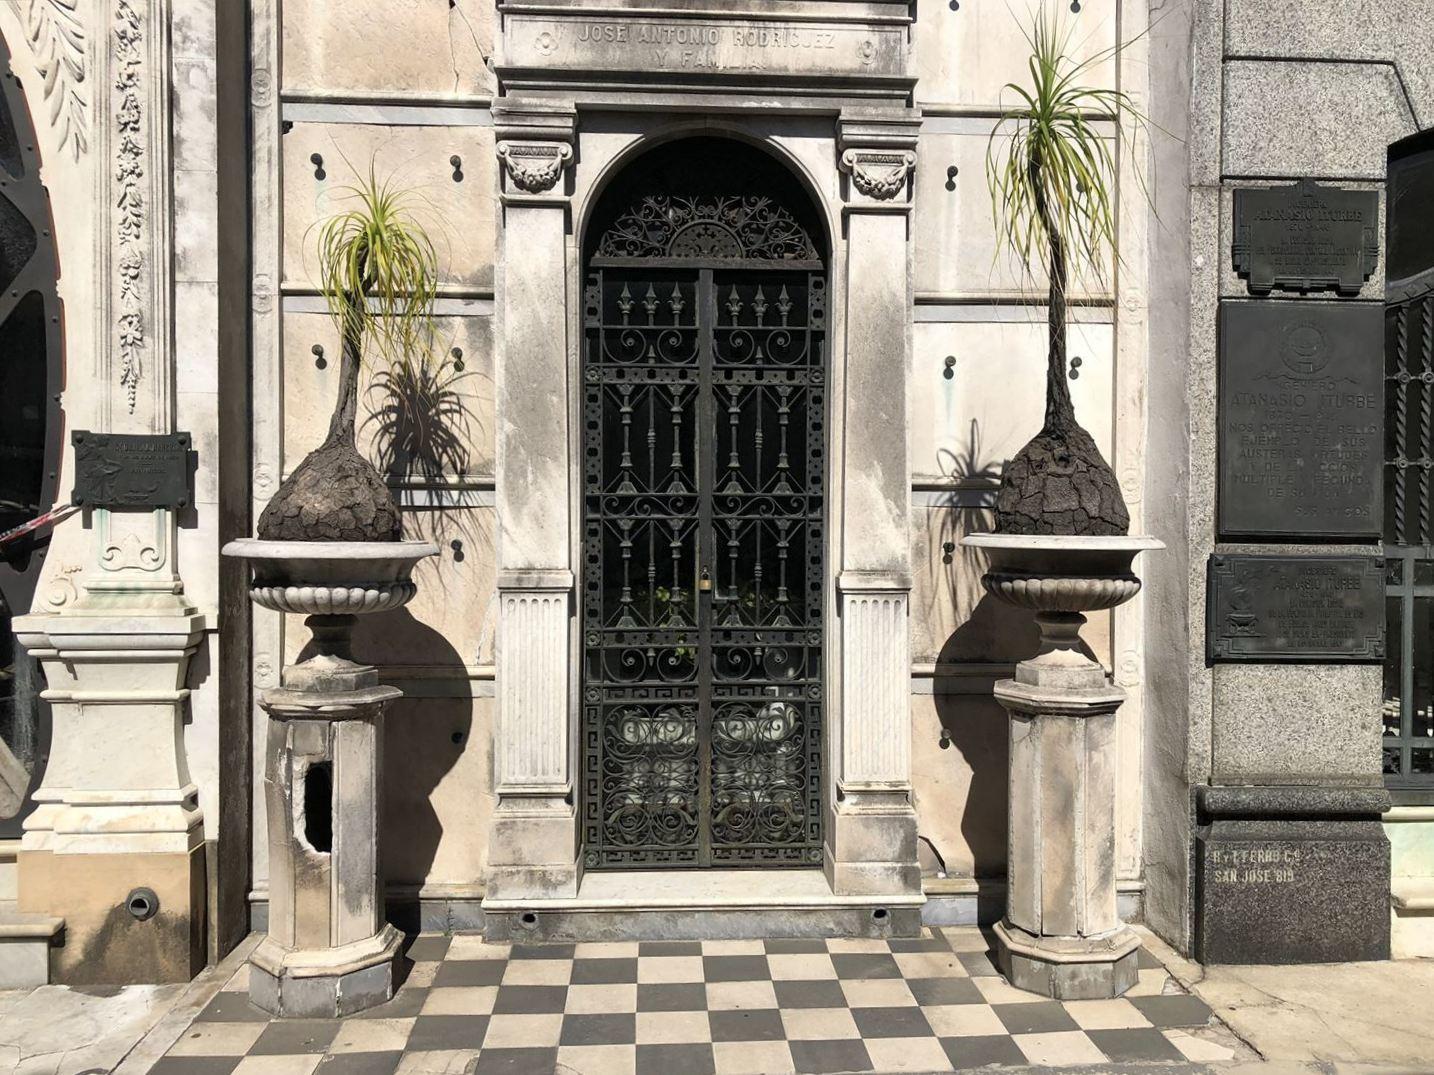 """中南米の旅/45 美しすぎるお墓""""レコレータ墓地""""@ブエノスアイレス_a0092659_22570616.jpg"""